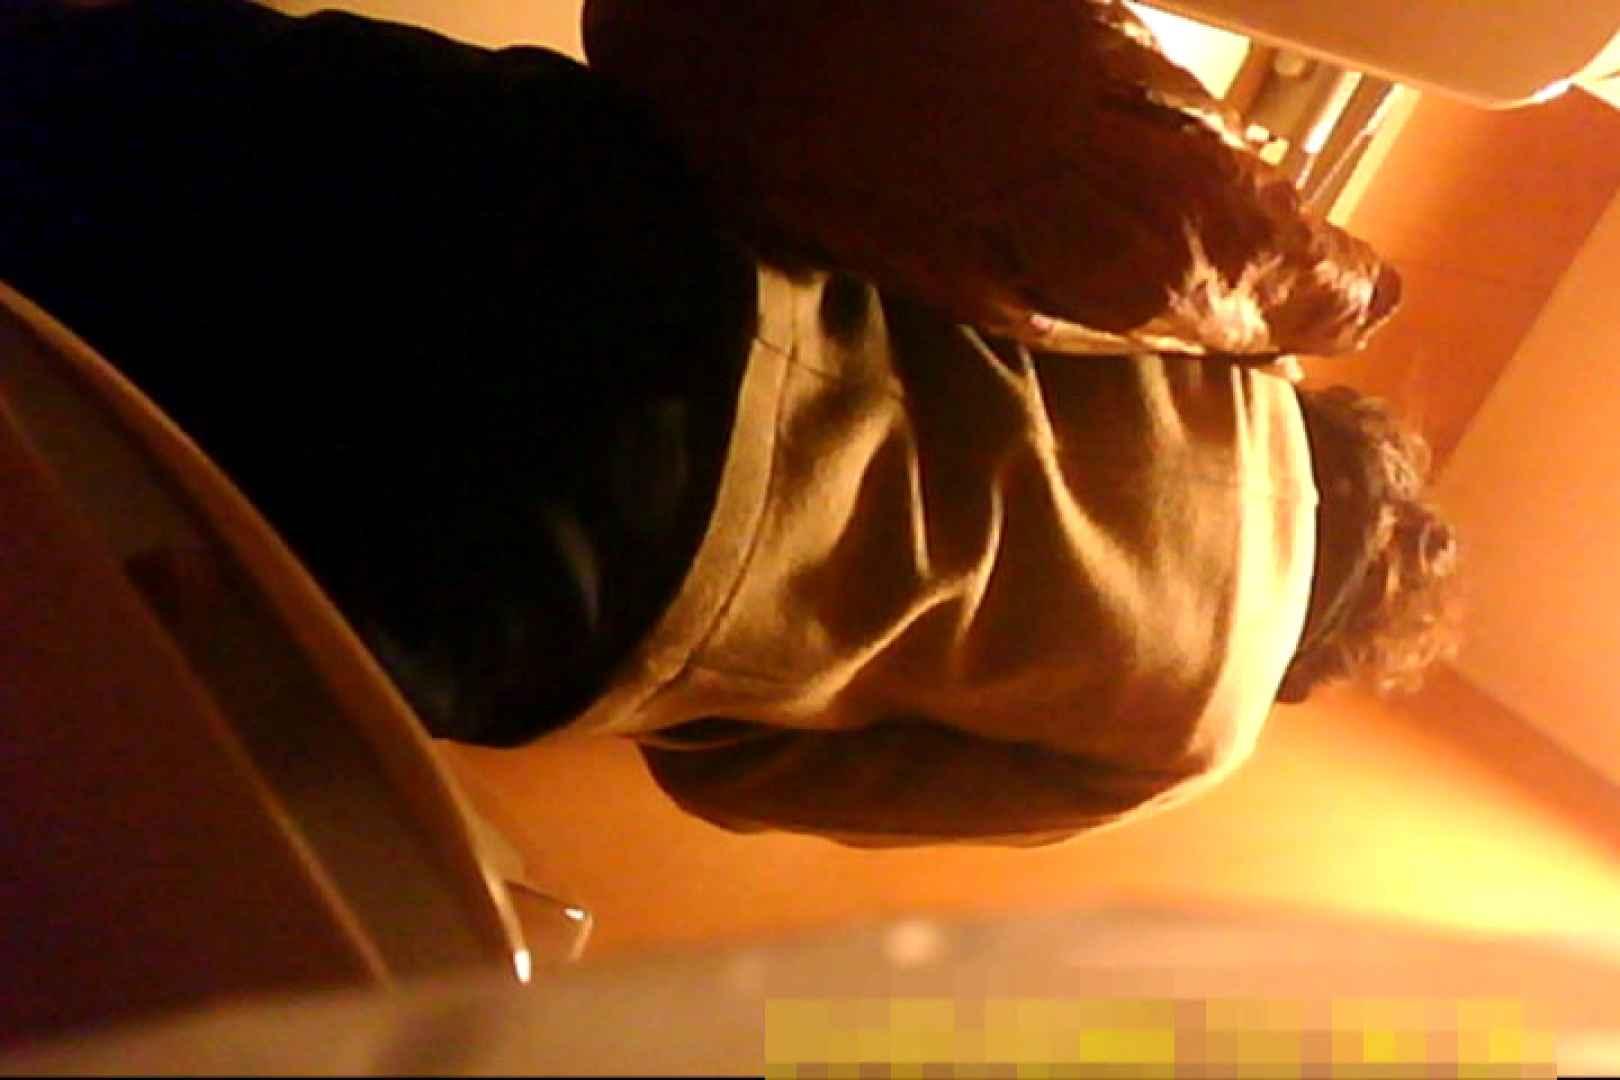 魅惑の化粧室~禁断のプライベート空間~vol.6 洗面所  71連発 10